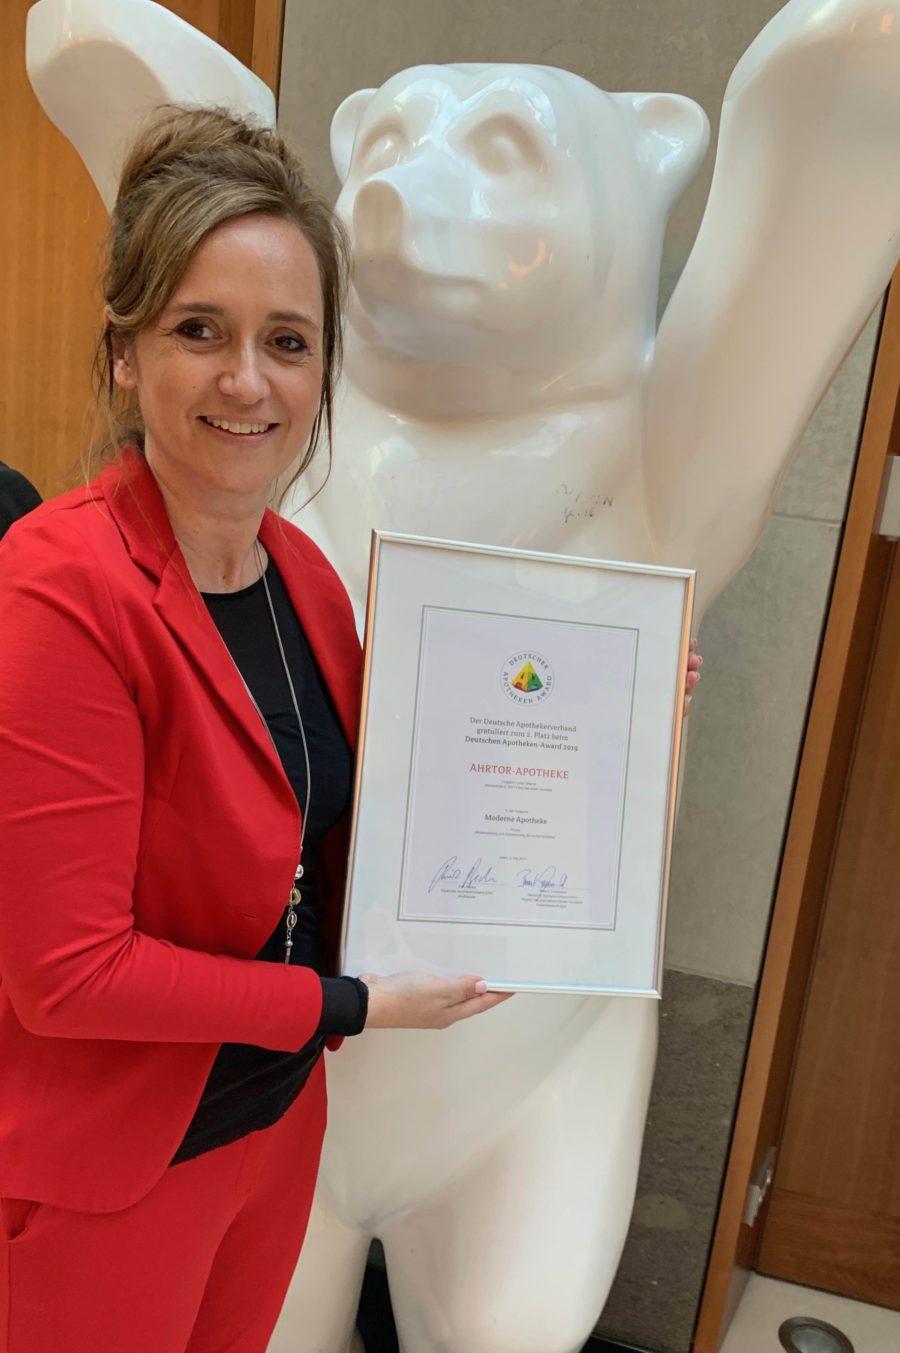 2. Platz beim Deutschen Apotheken Award